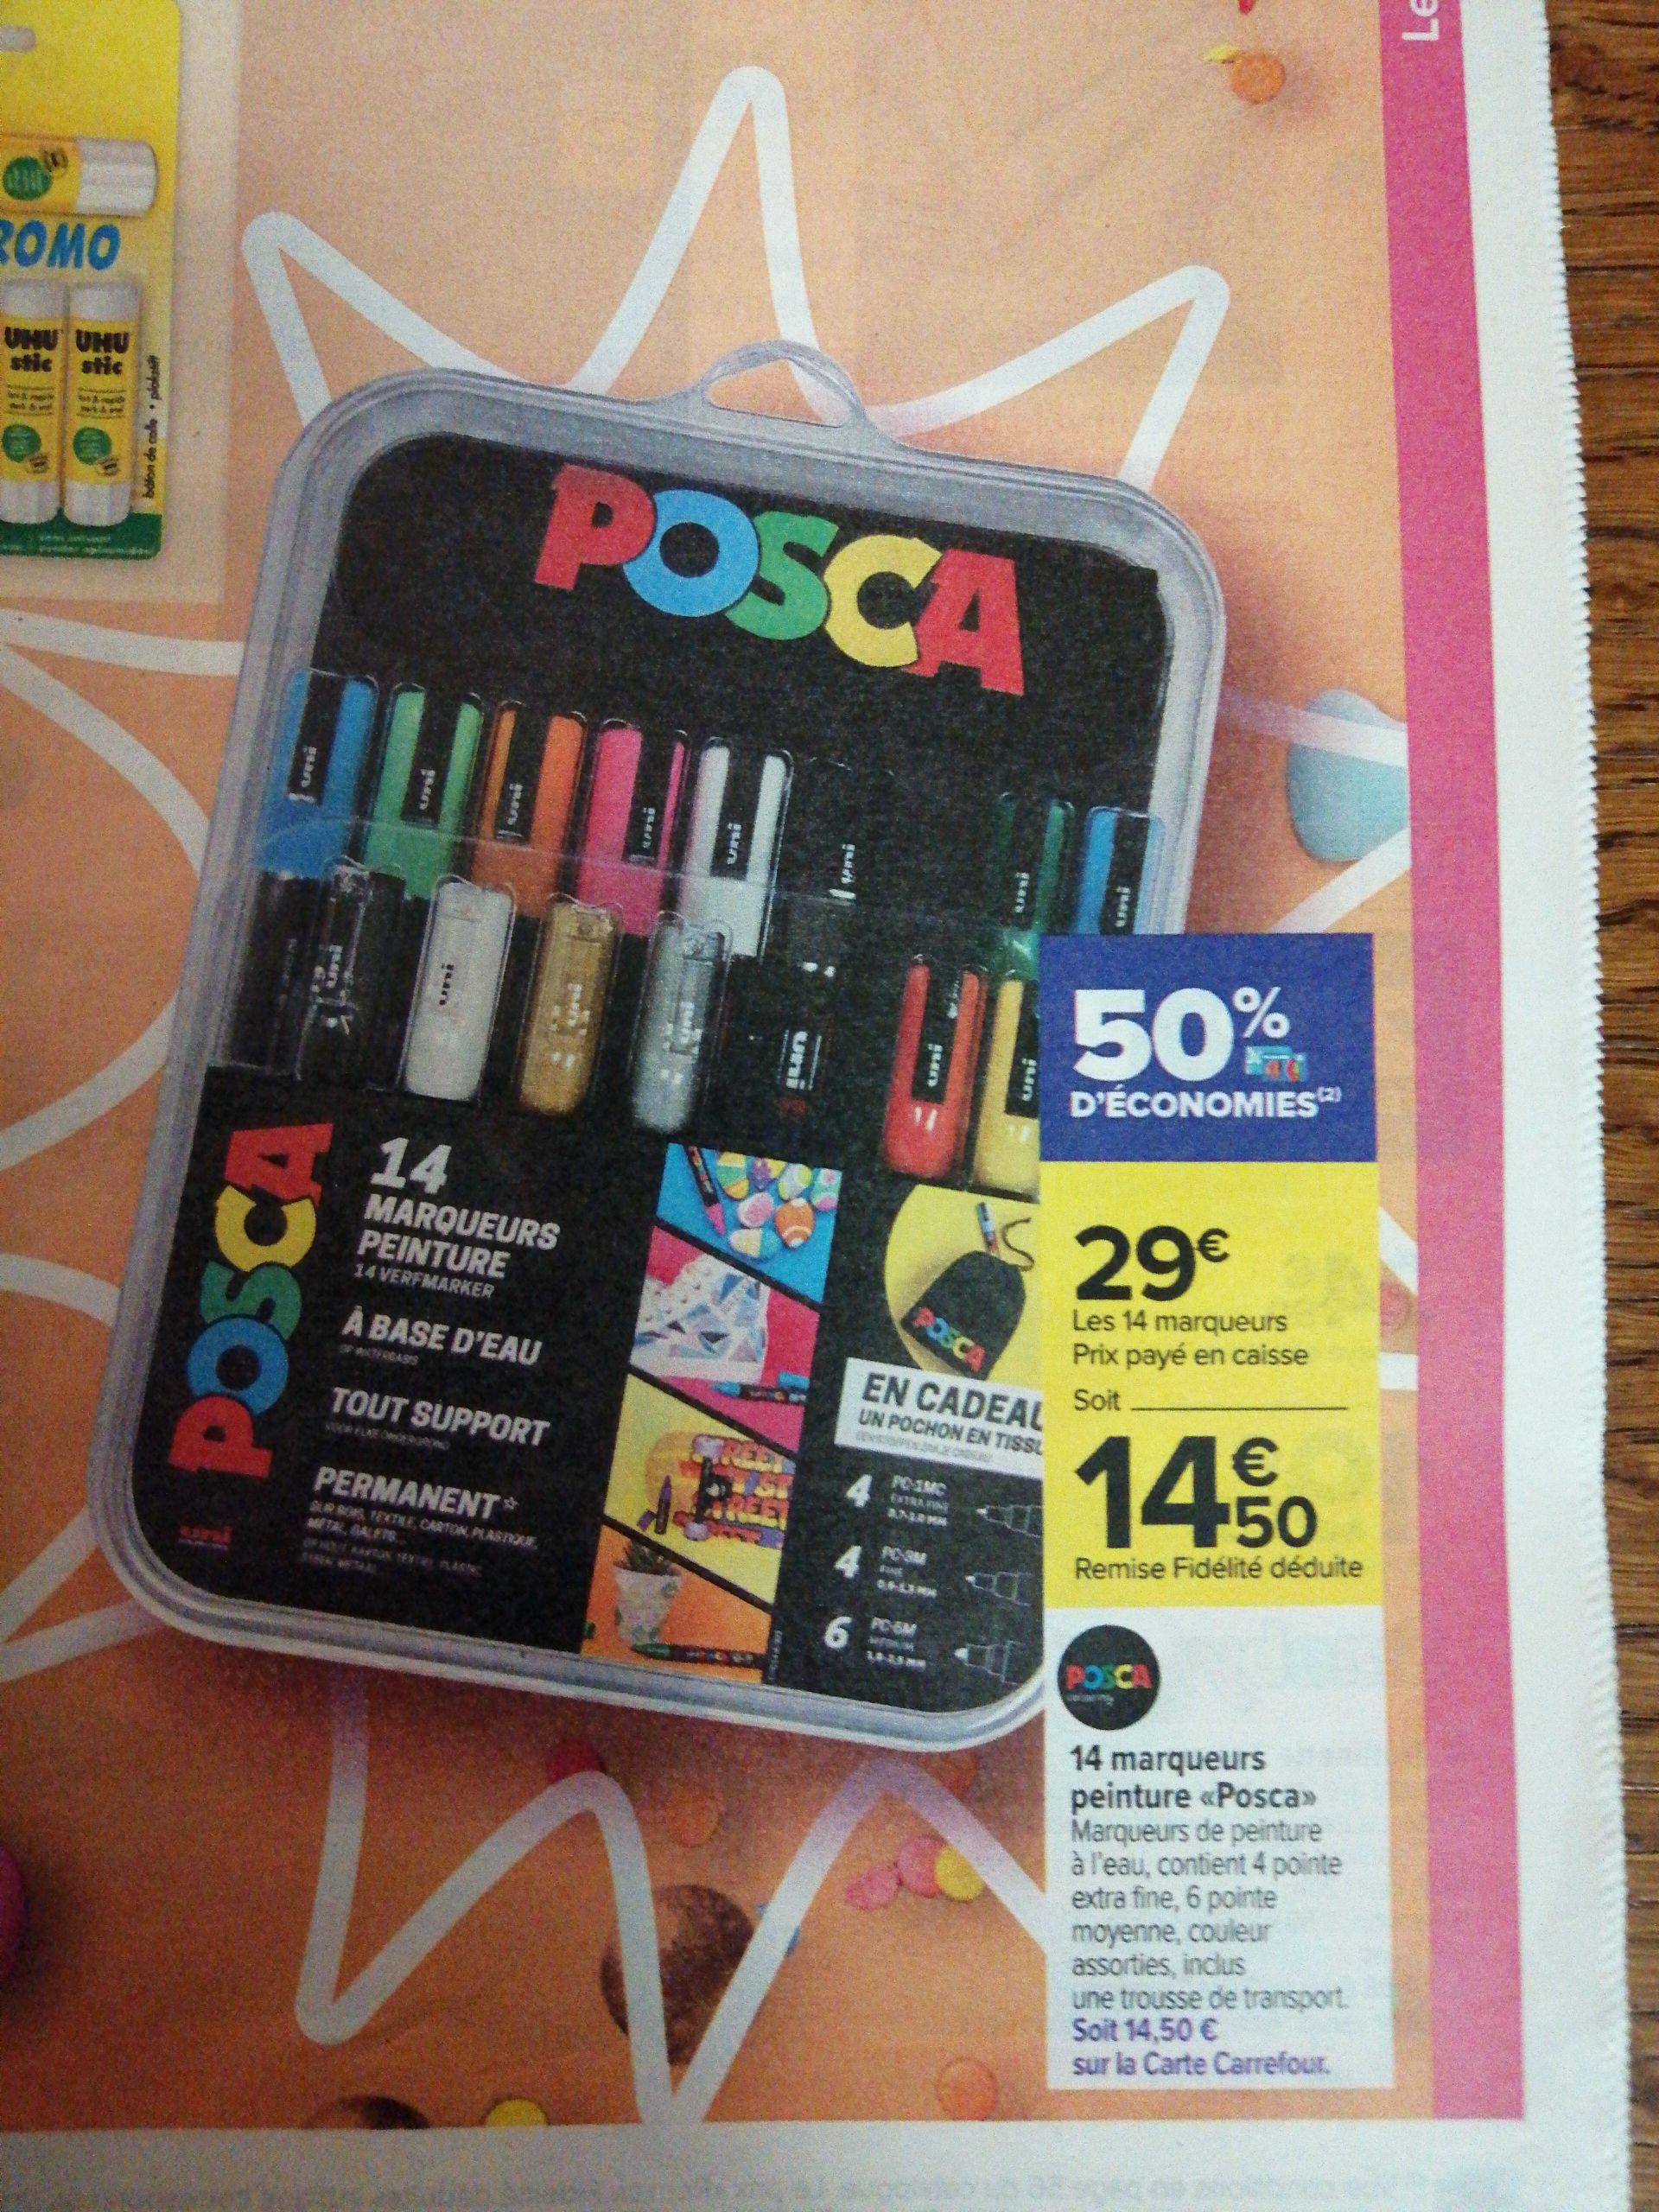 Etui 14 marqueurs peinture Posca + Trousse de transport (Via 14.50€ sur la carte fidélité)